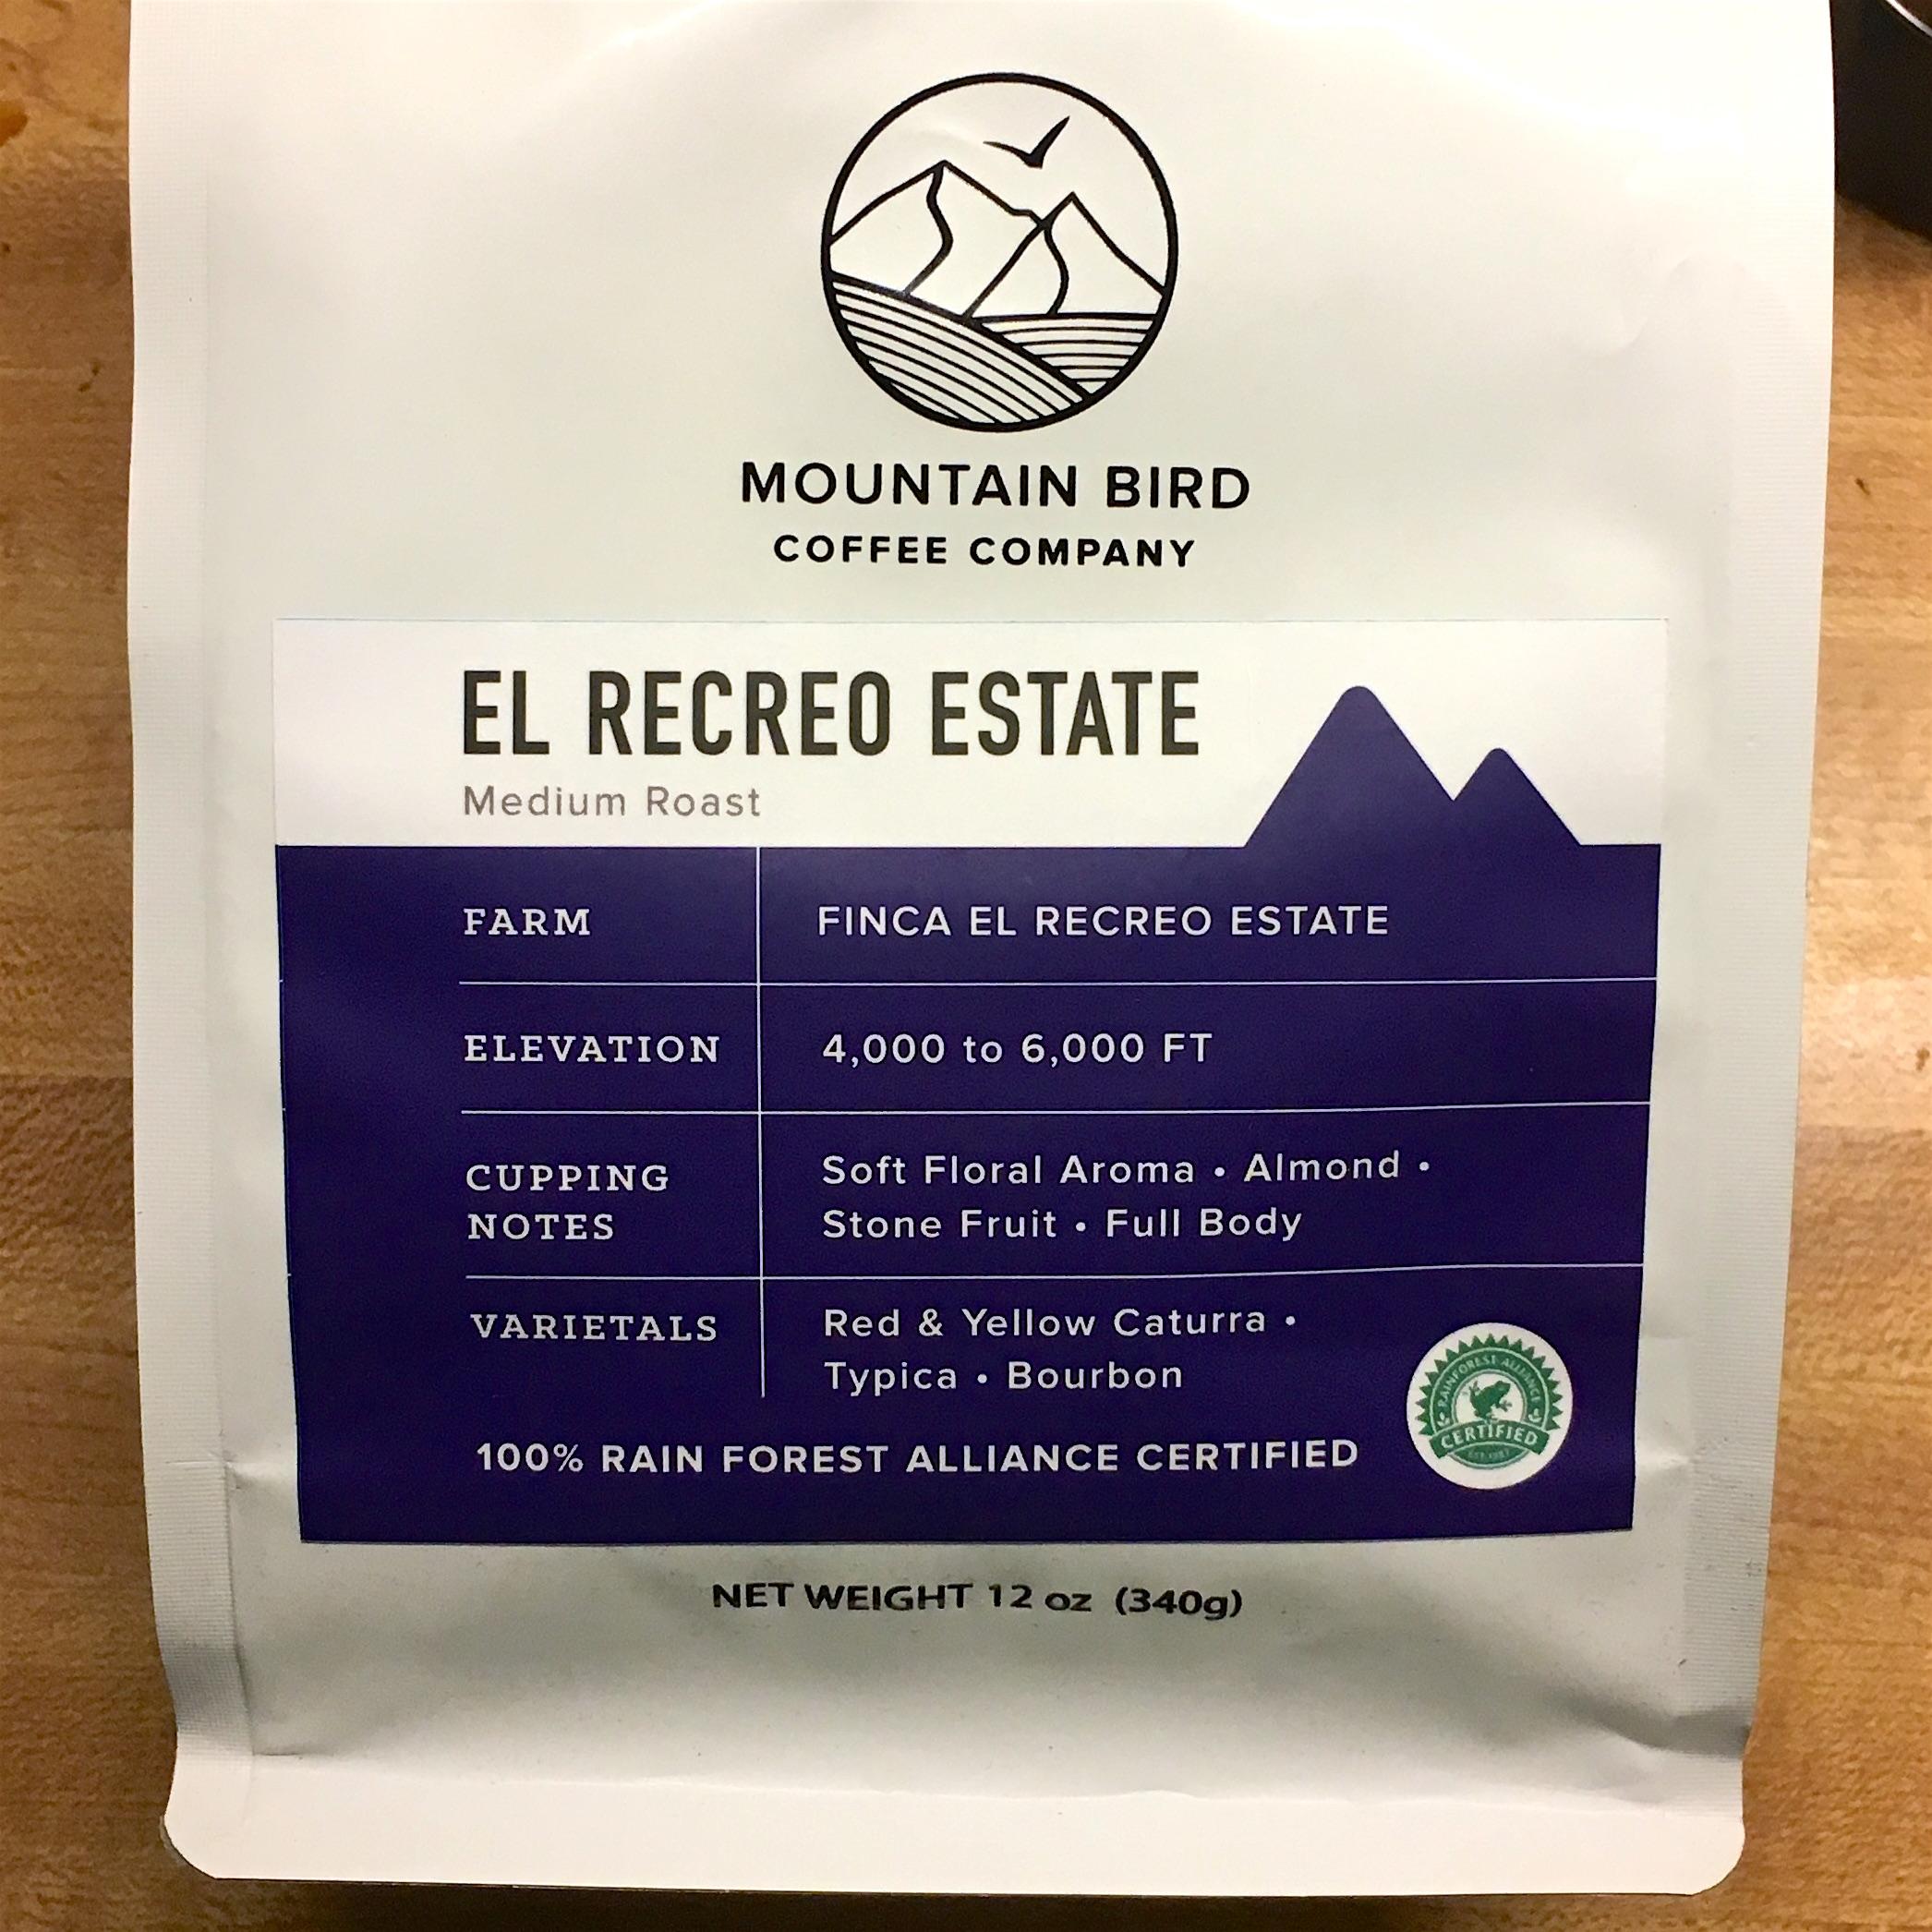 Mountain Bird Coffee Co. Nicaragua El Recreo Estate